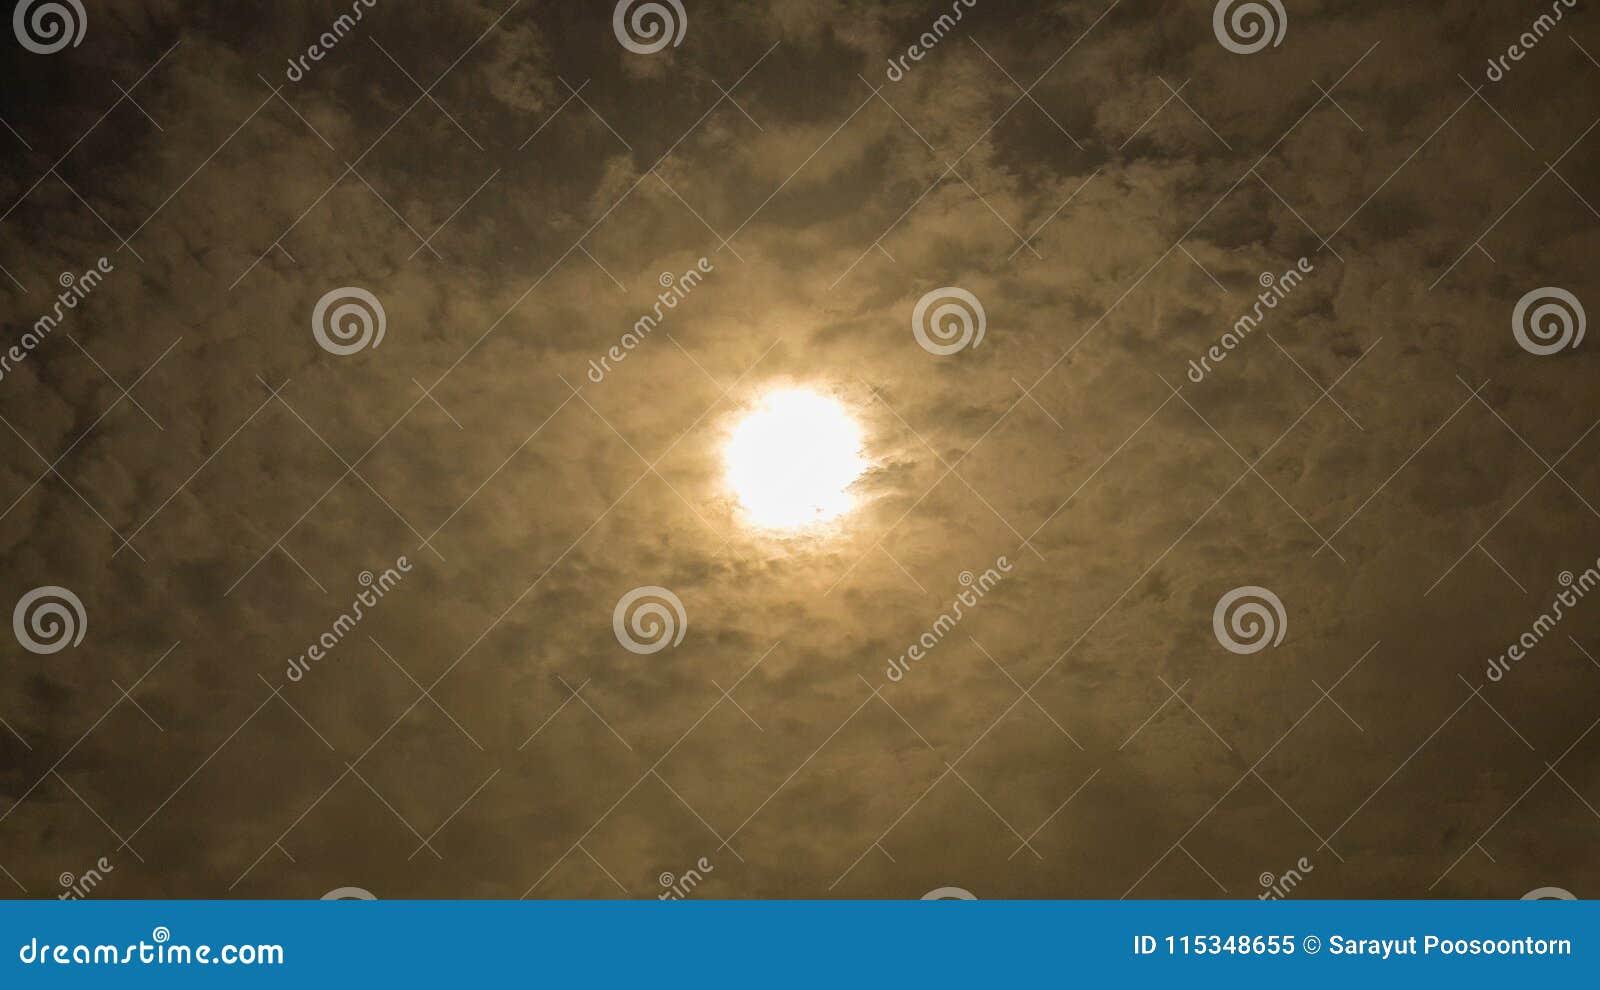 Δραματικό εντυπωσιακό και όμορφο υπόβαθρο, σύσταση Ήλιος φωτεινός πίσω από τα μαλακά σύννεφα Σκοτεινός ουρανός με τα φωτεινά σύνν